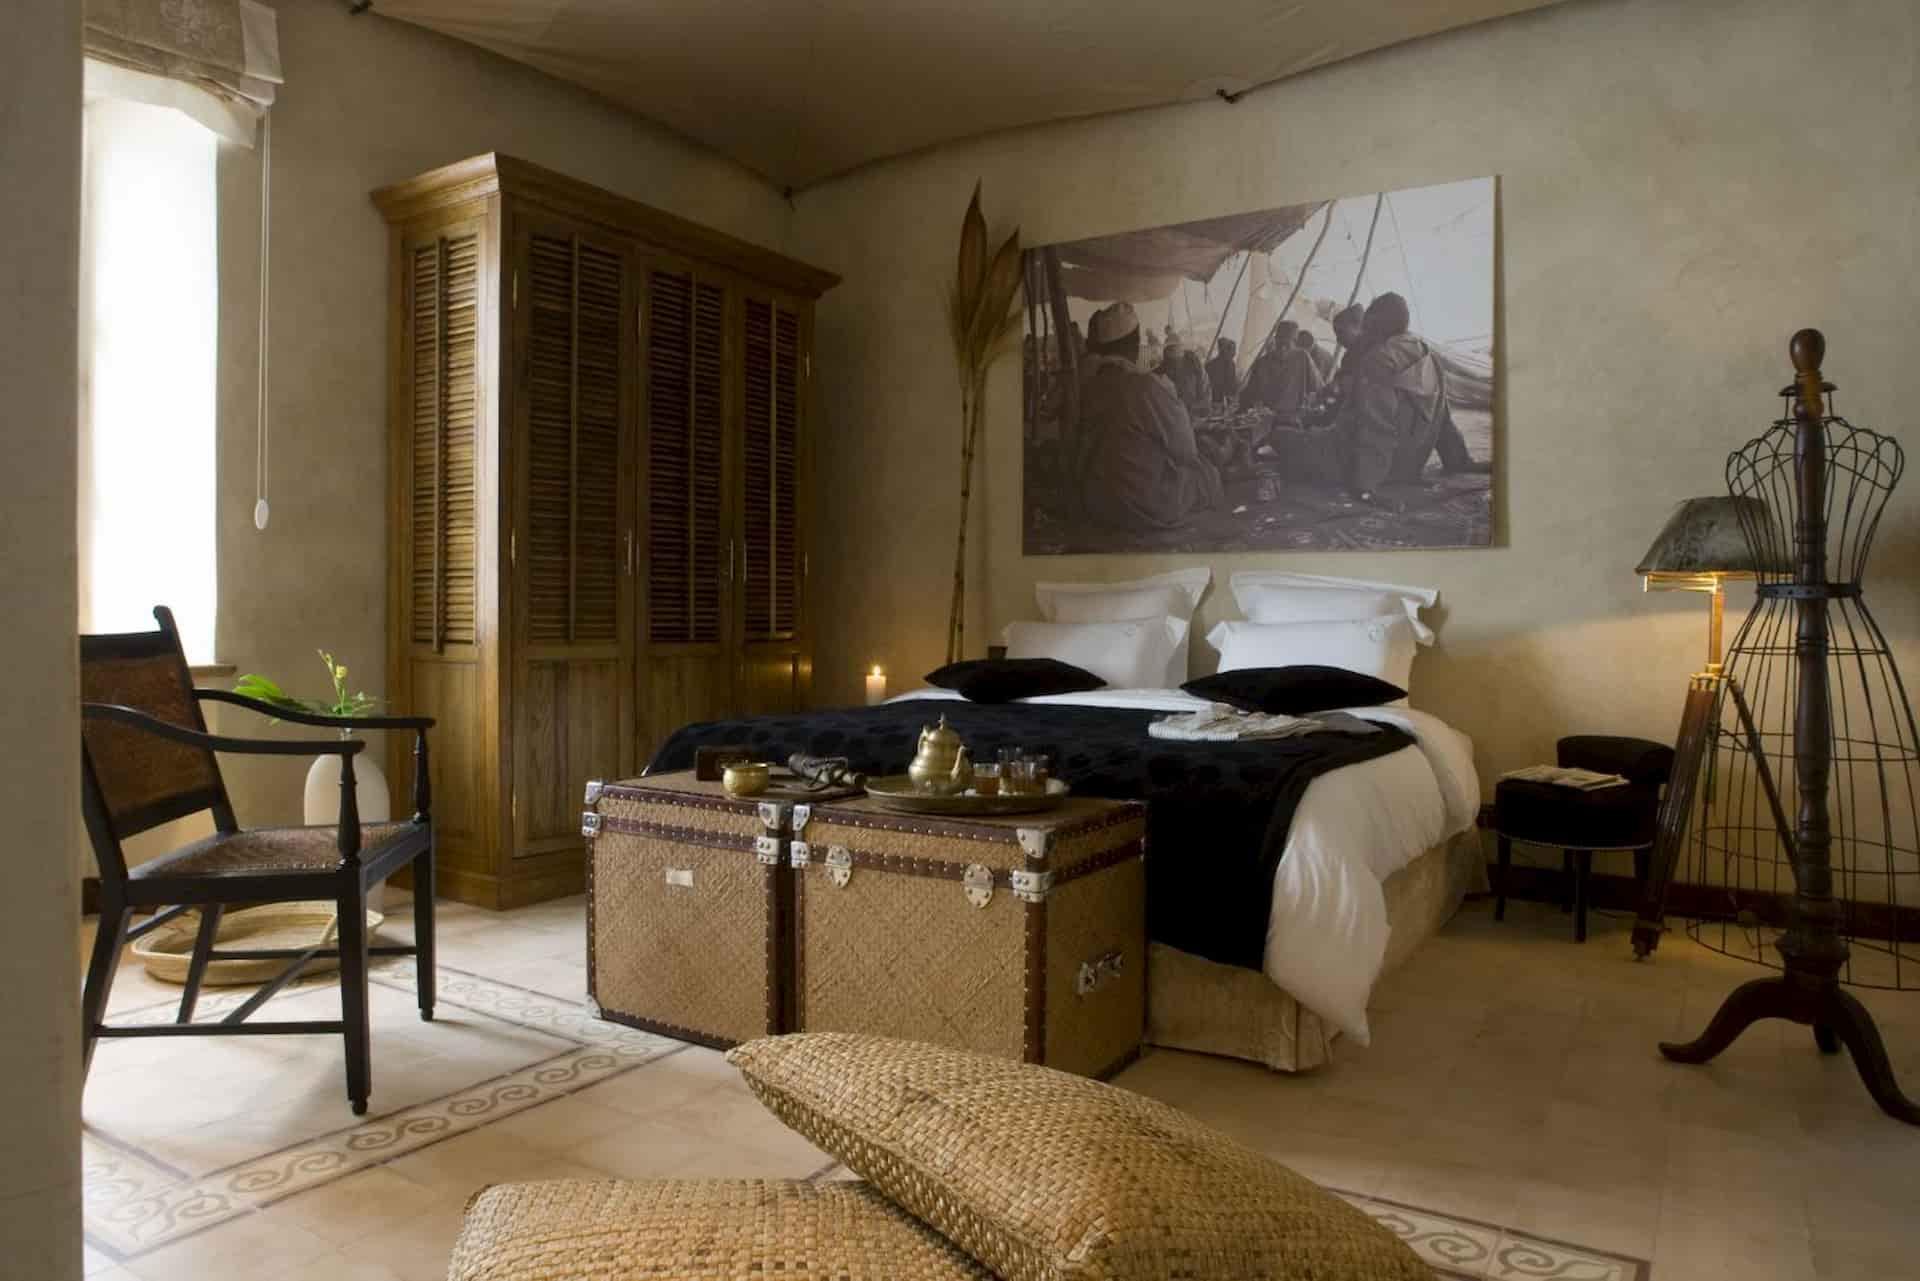 Décoratrice intérieur Hôtel Maroc